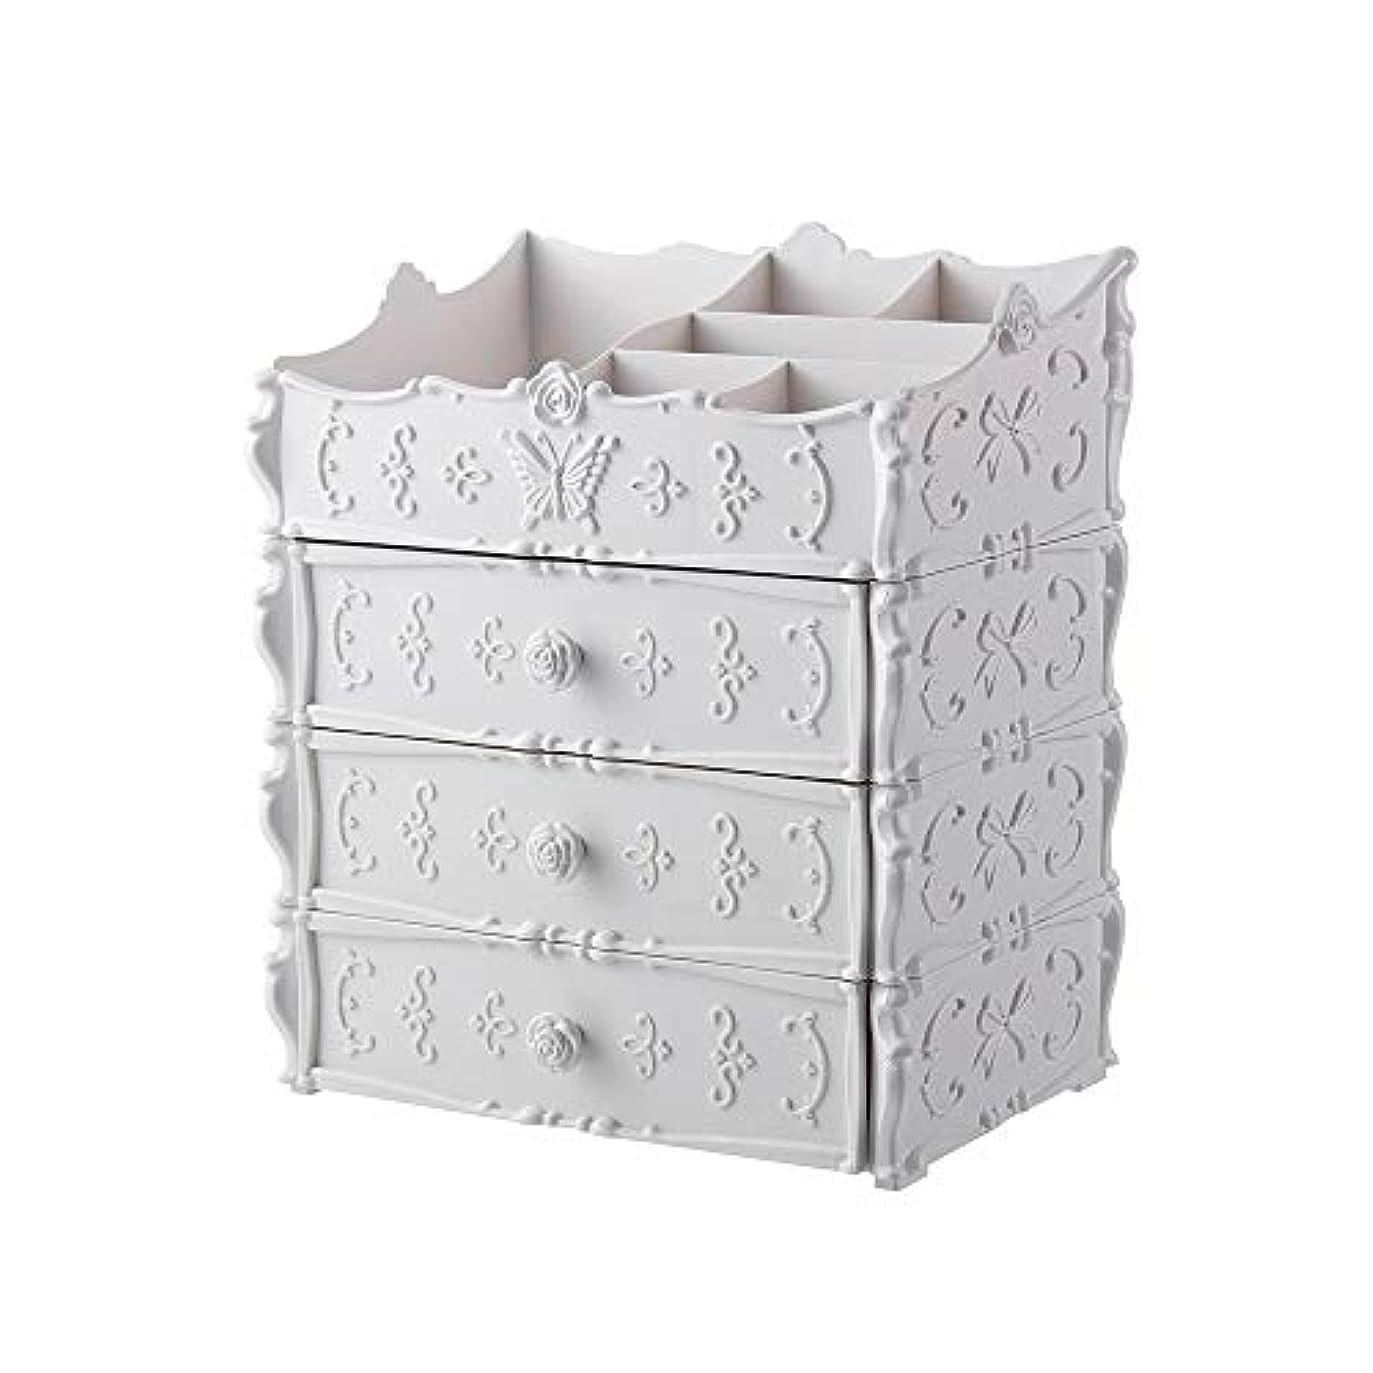 収納ボックス 化粧品収納 メイクボックス コスメボックス 引き出し式 北欧風 キッズ 少女 ホワイト ピンク 可愛い 2層 3層 透明 防水 大容量 小物入り 化粧台 プレゼント 家用